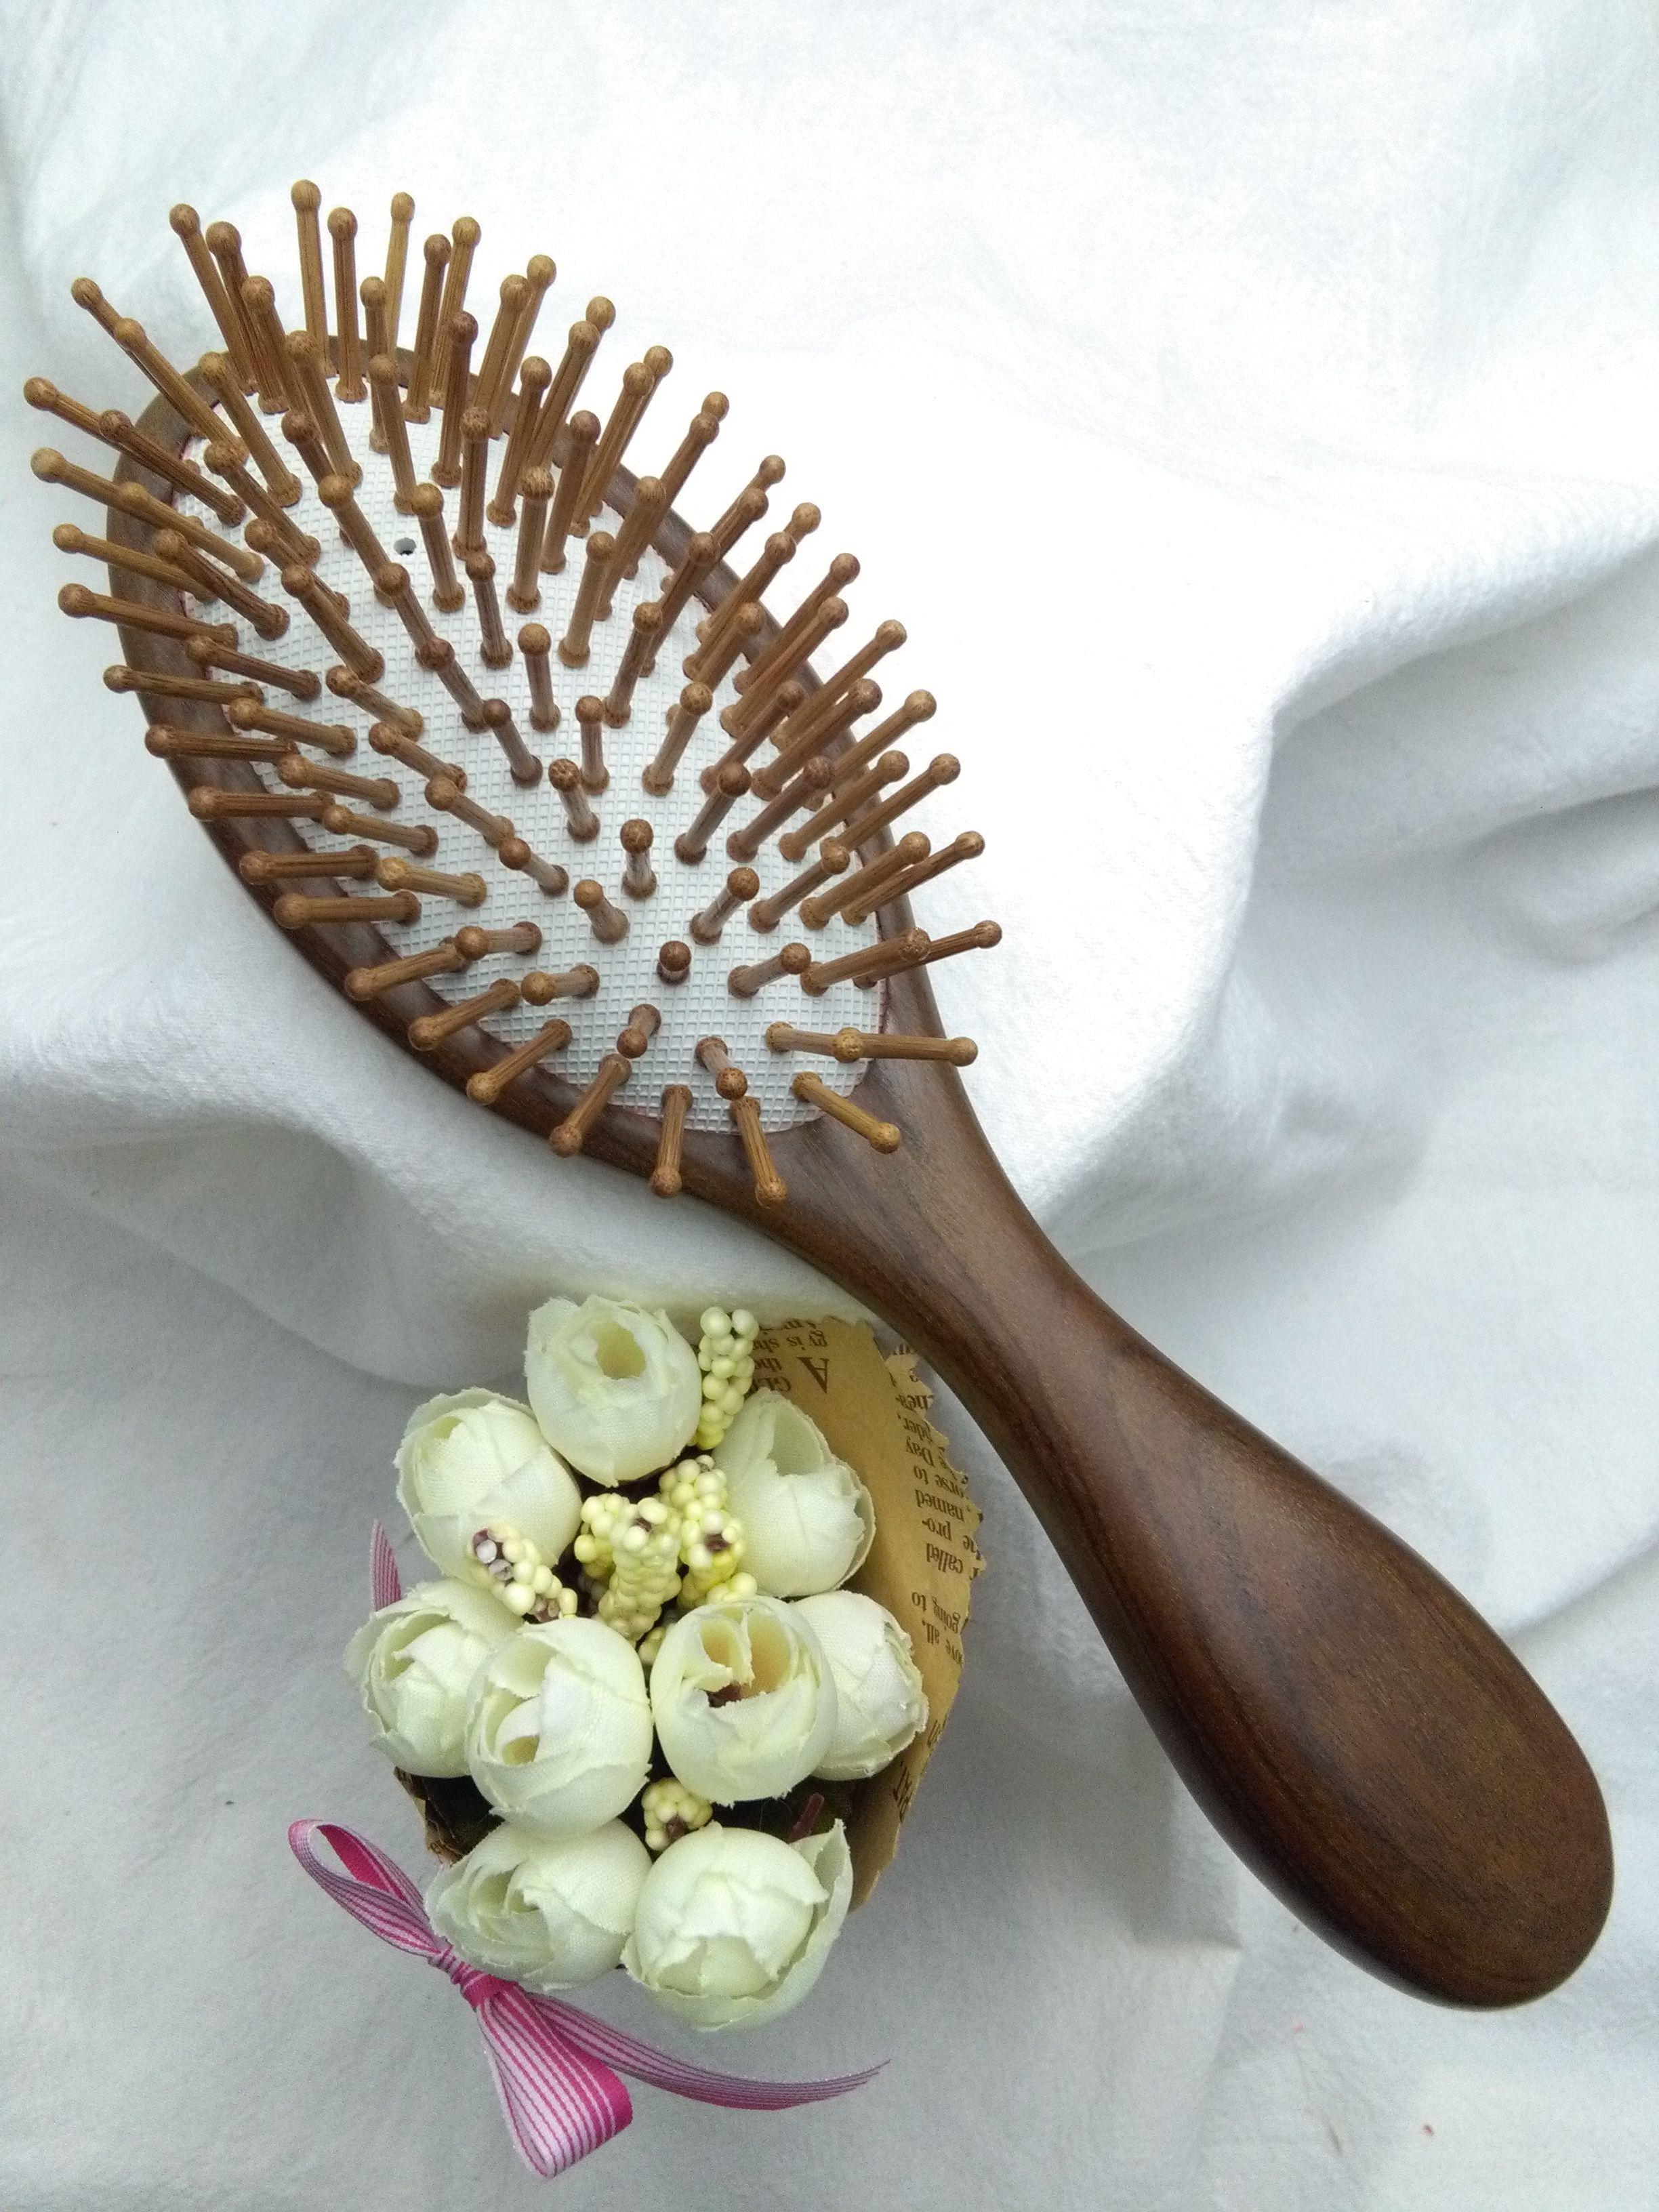 Скальп массаж гребень борьбы с выпадением волос голова уход за волосами гребень гребень подушка безопасности гребень антистатический естественный рулон диван изменения